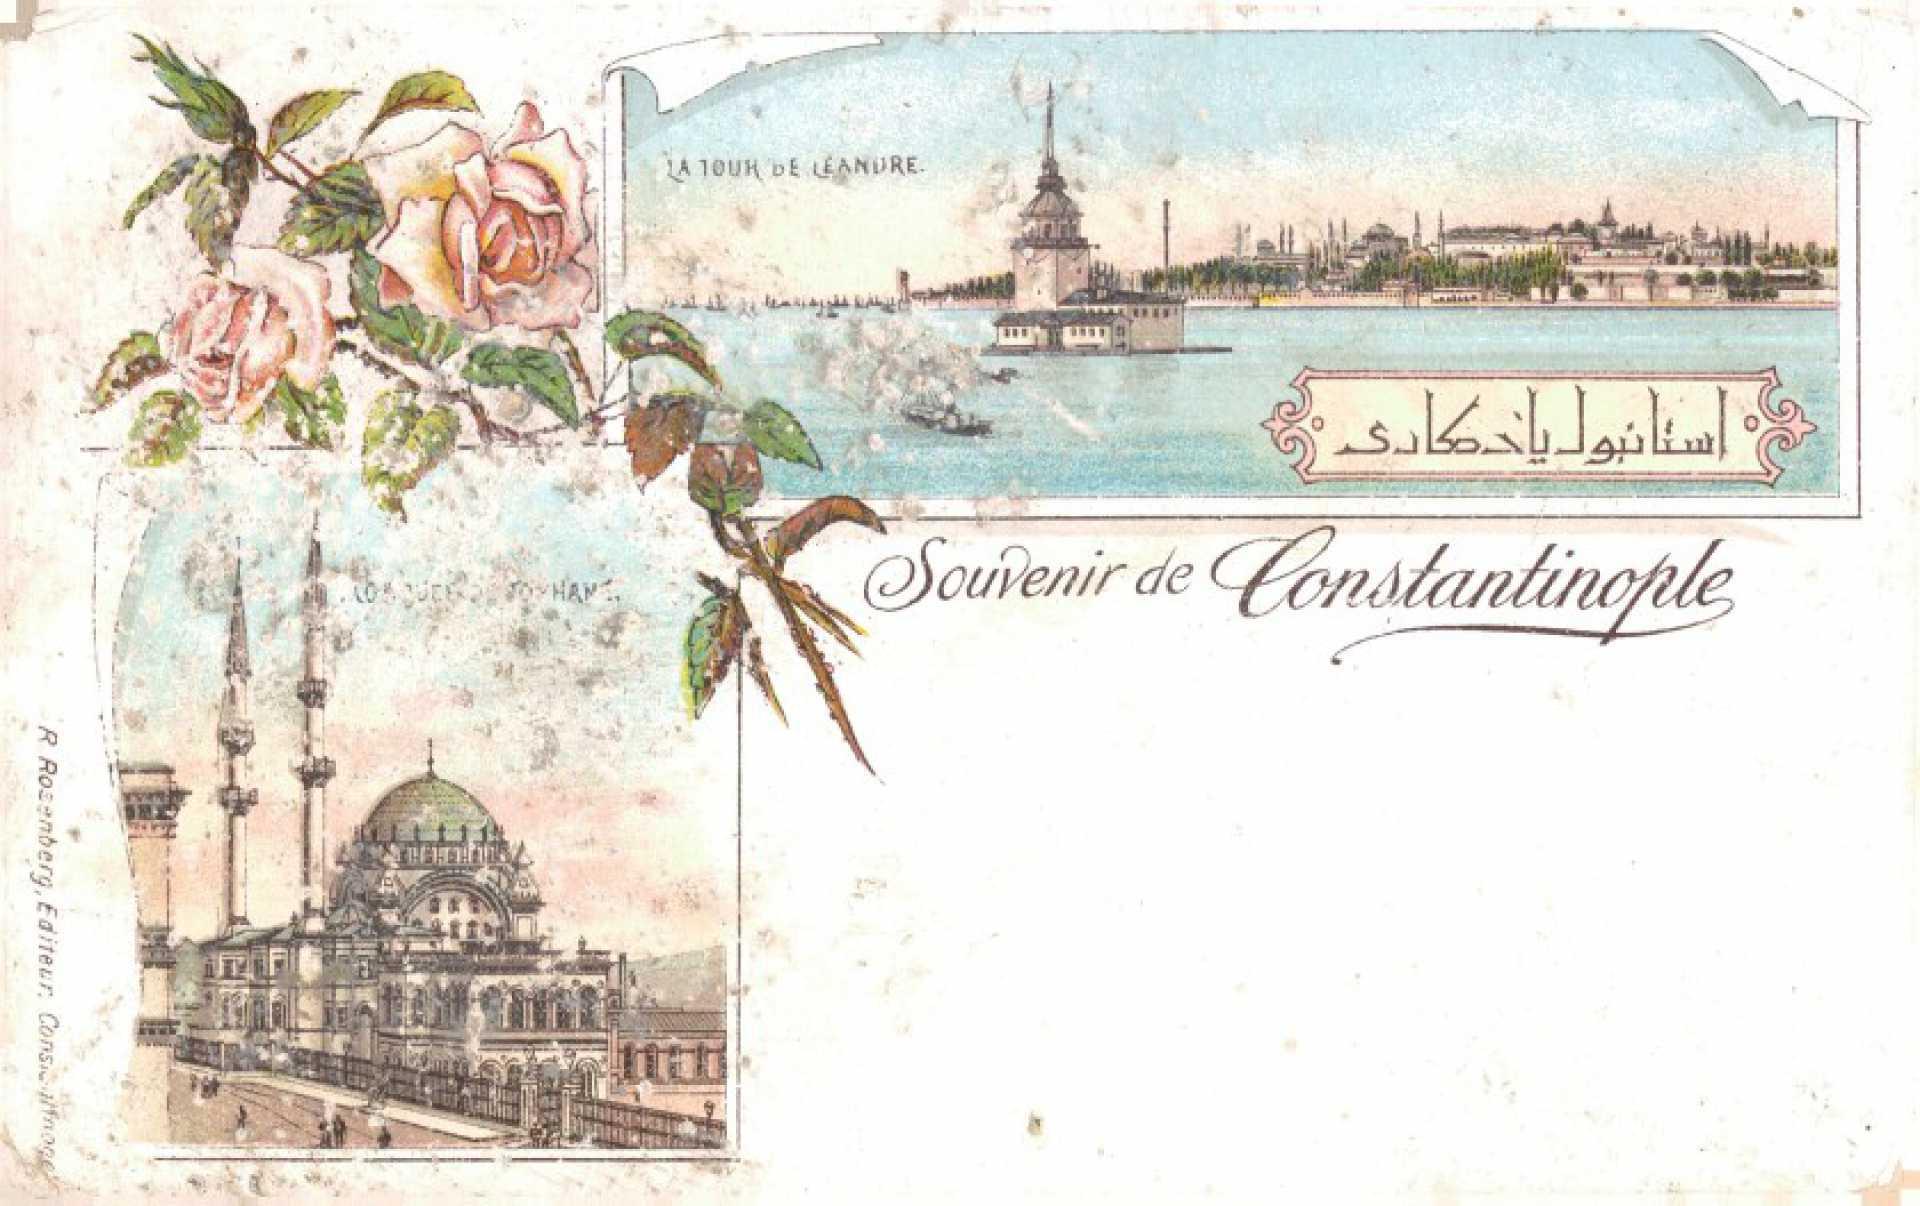 Tour de Leandre. Souvenir de Constantinople